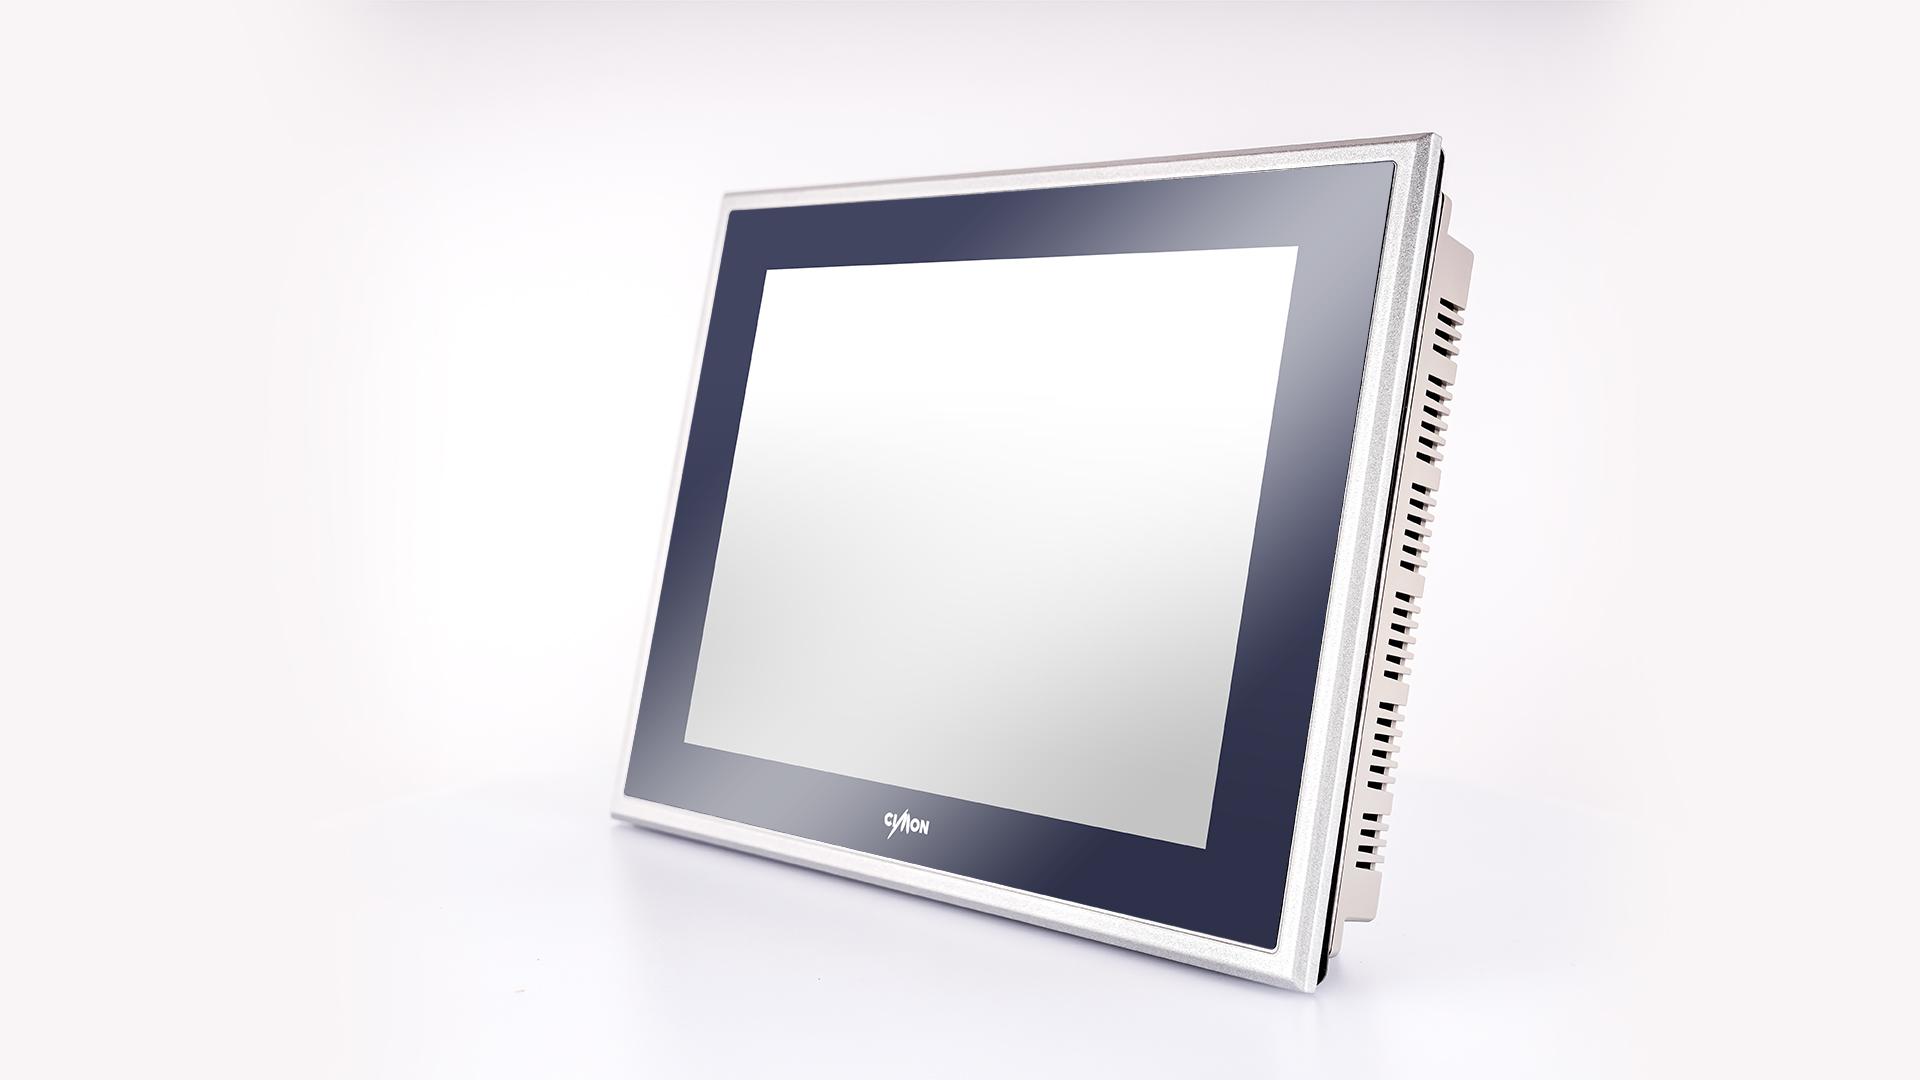 HMI_10in_CM-iXT10CD-D_4